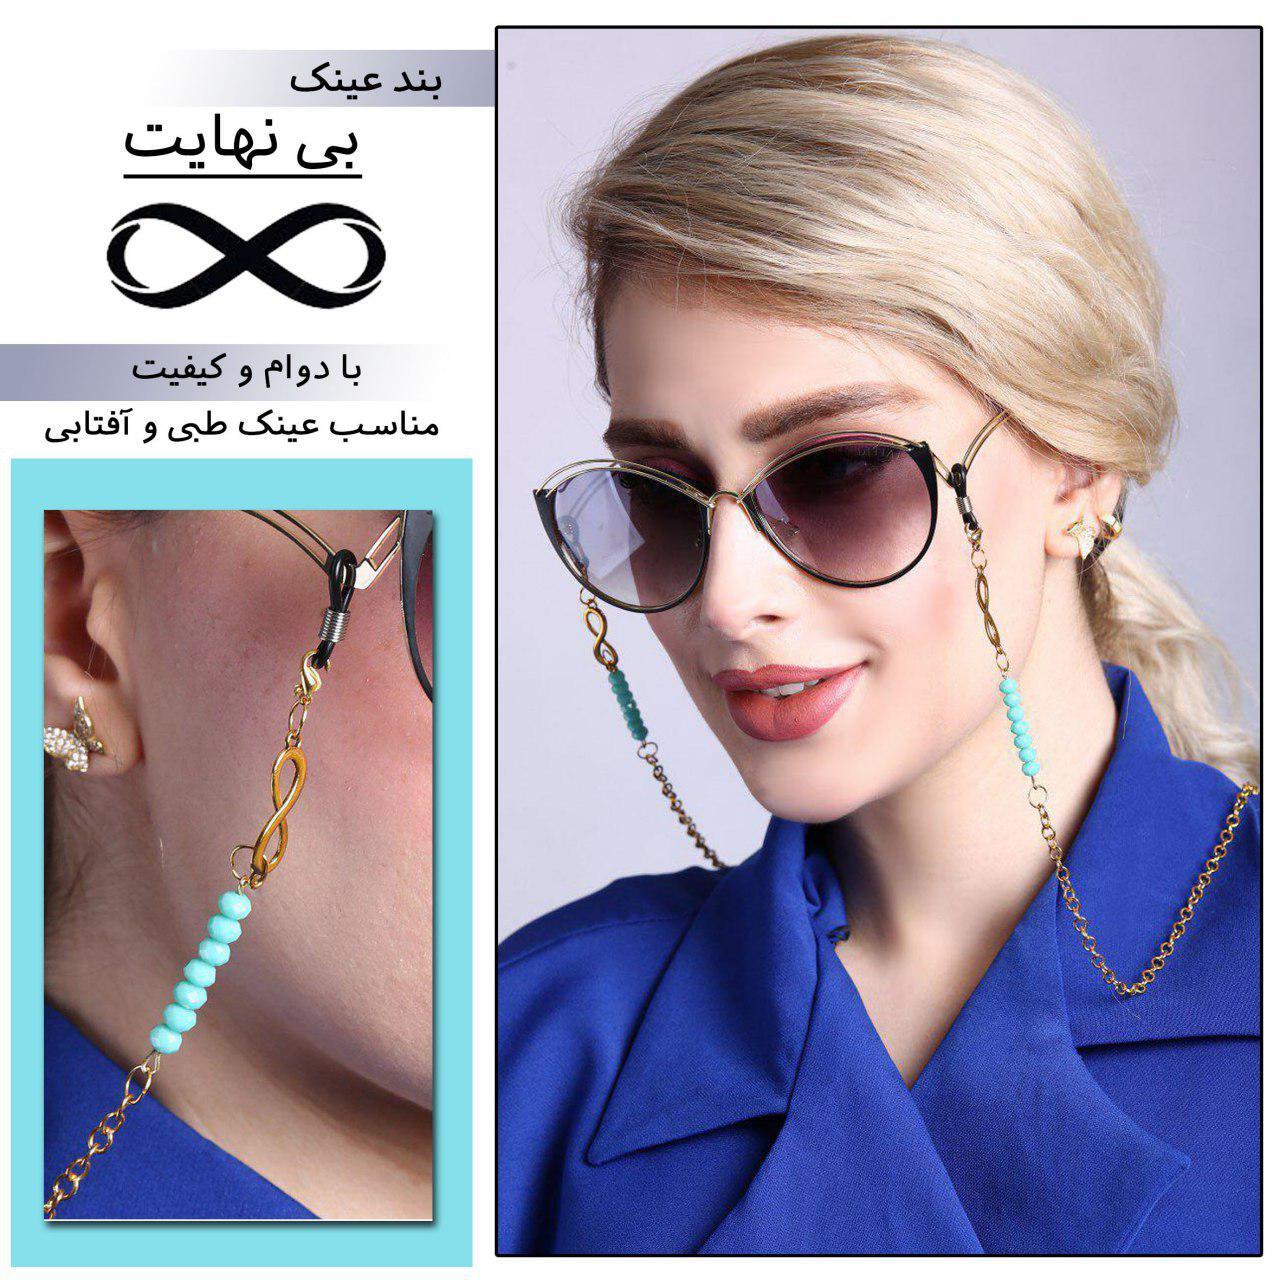 بند عینک زنانه مدل بی نهایت